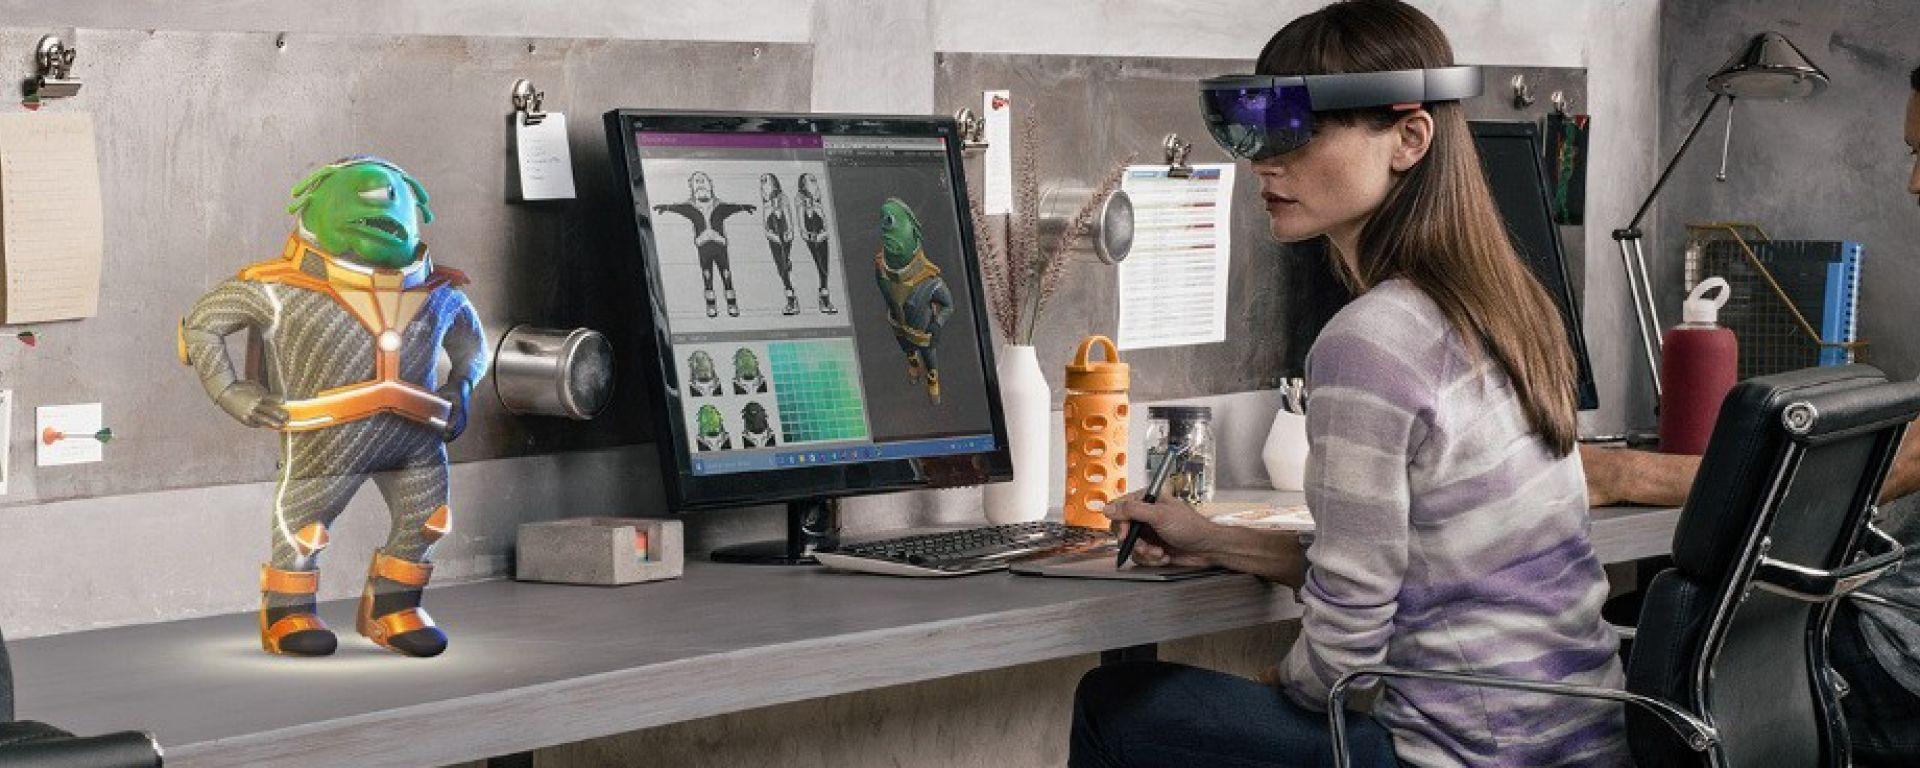 Microsoft HoloLens per i progetti di animazione